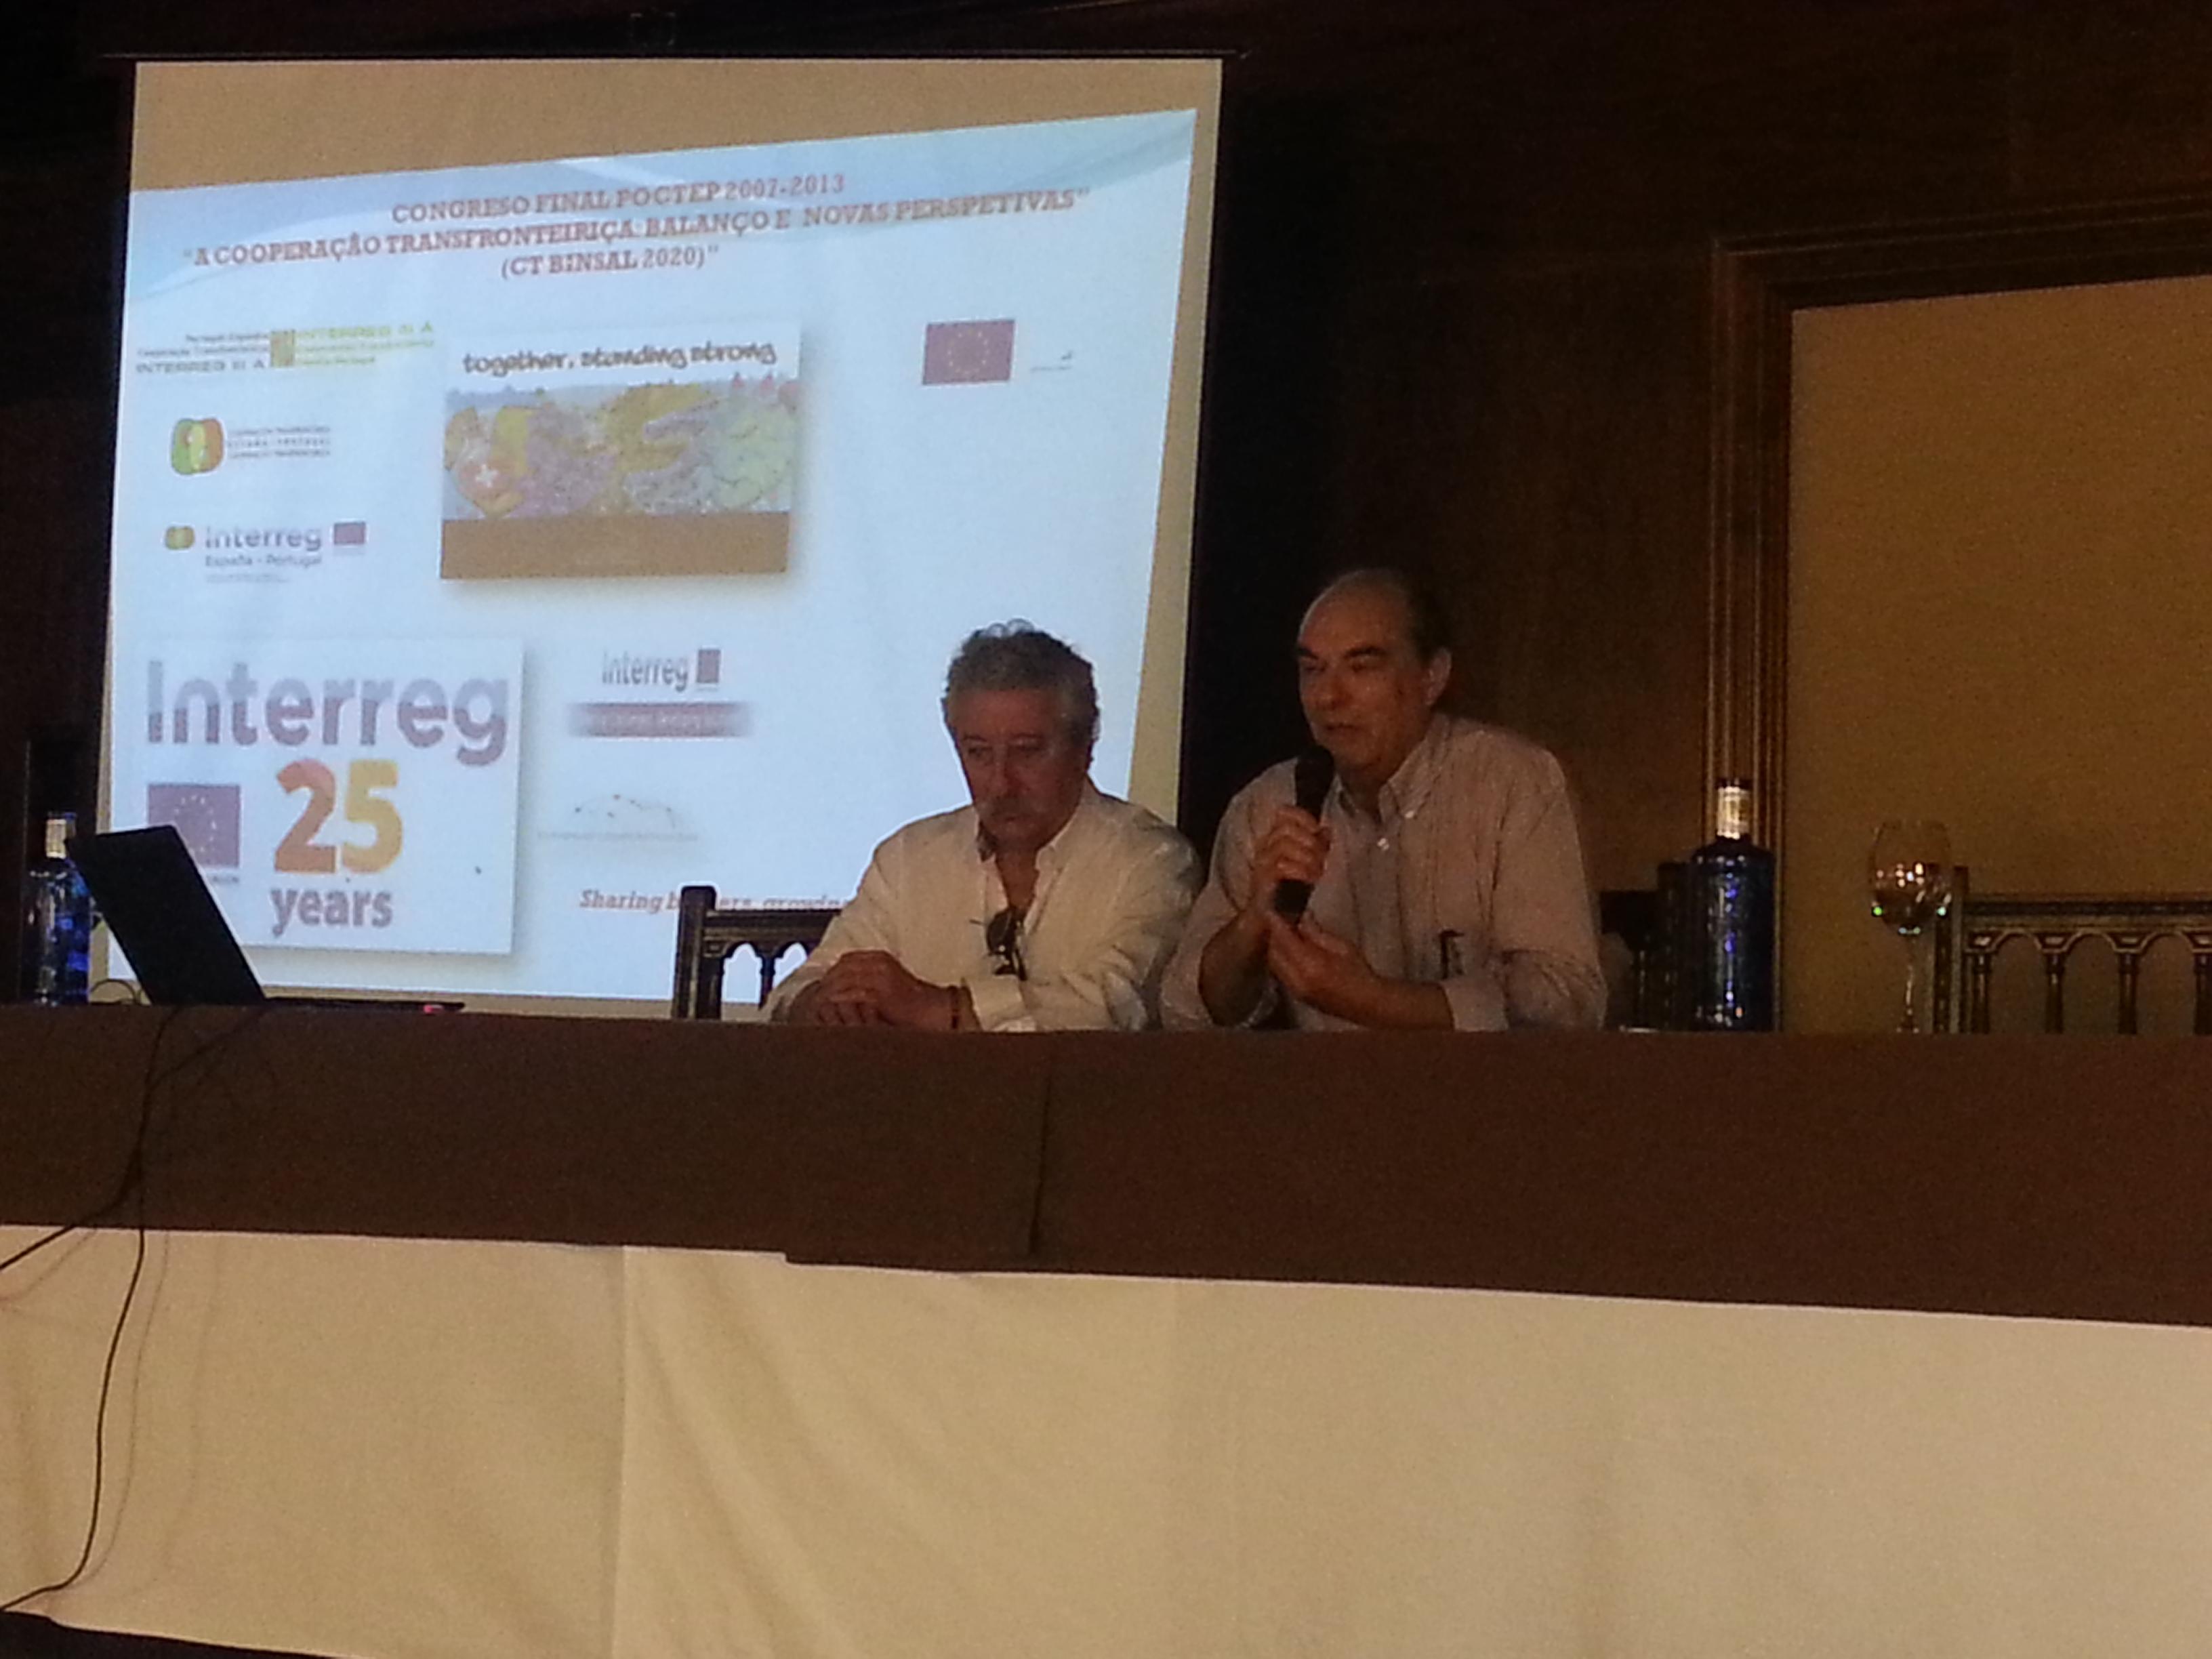 De izquierda a derecha José Manuel Biscaia Presidente de la Asociación de municipios de Cova da Beira y Manuel Rufino, Diputado de Medio Ambiente de Salamanca